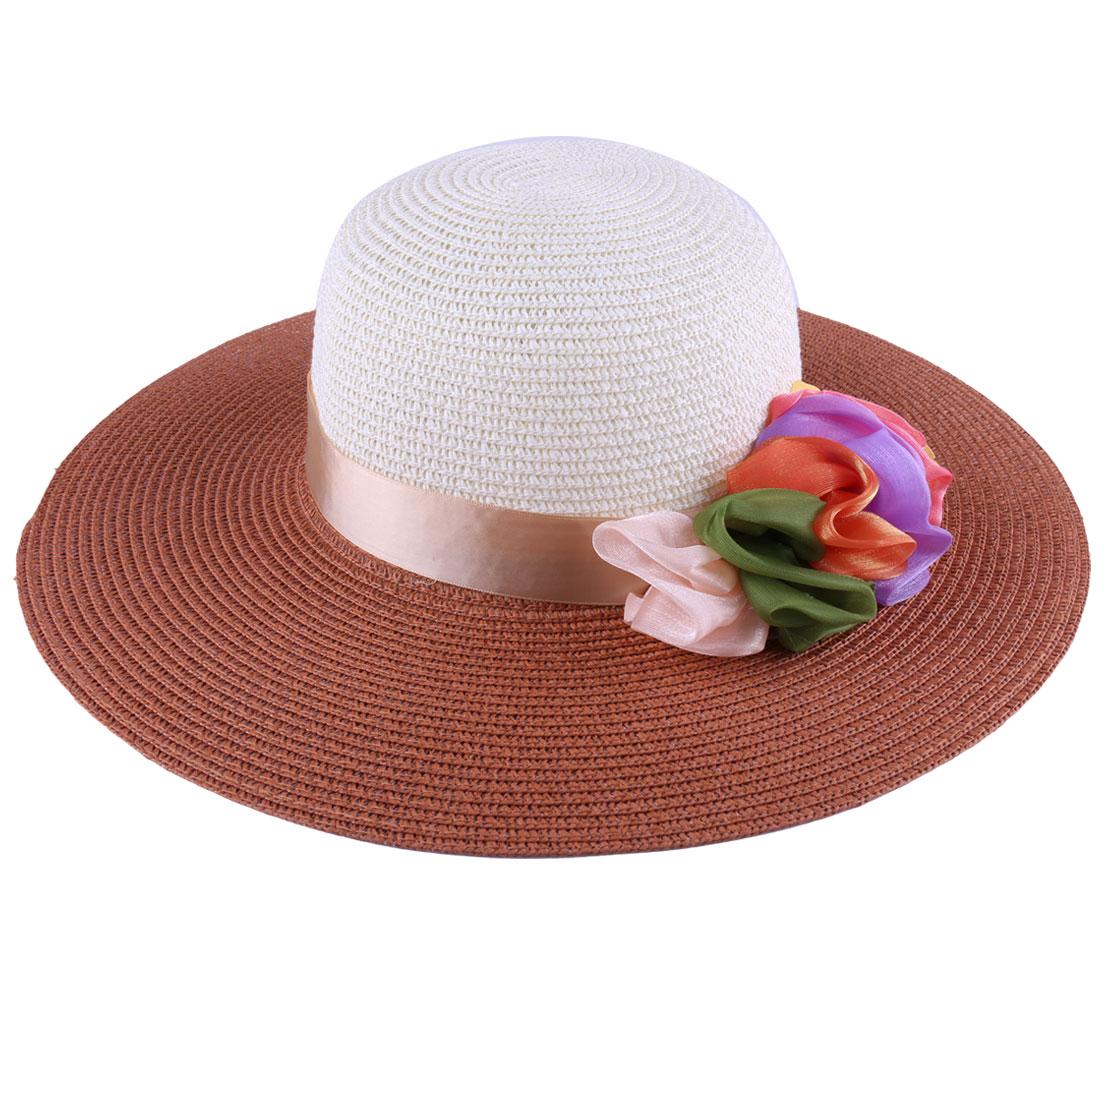 Woman Chic Beach Chic Light Brown Off-White Wide Round Brim Sun Hat